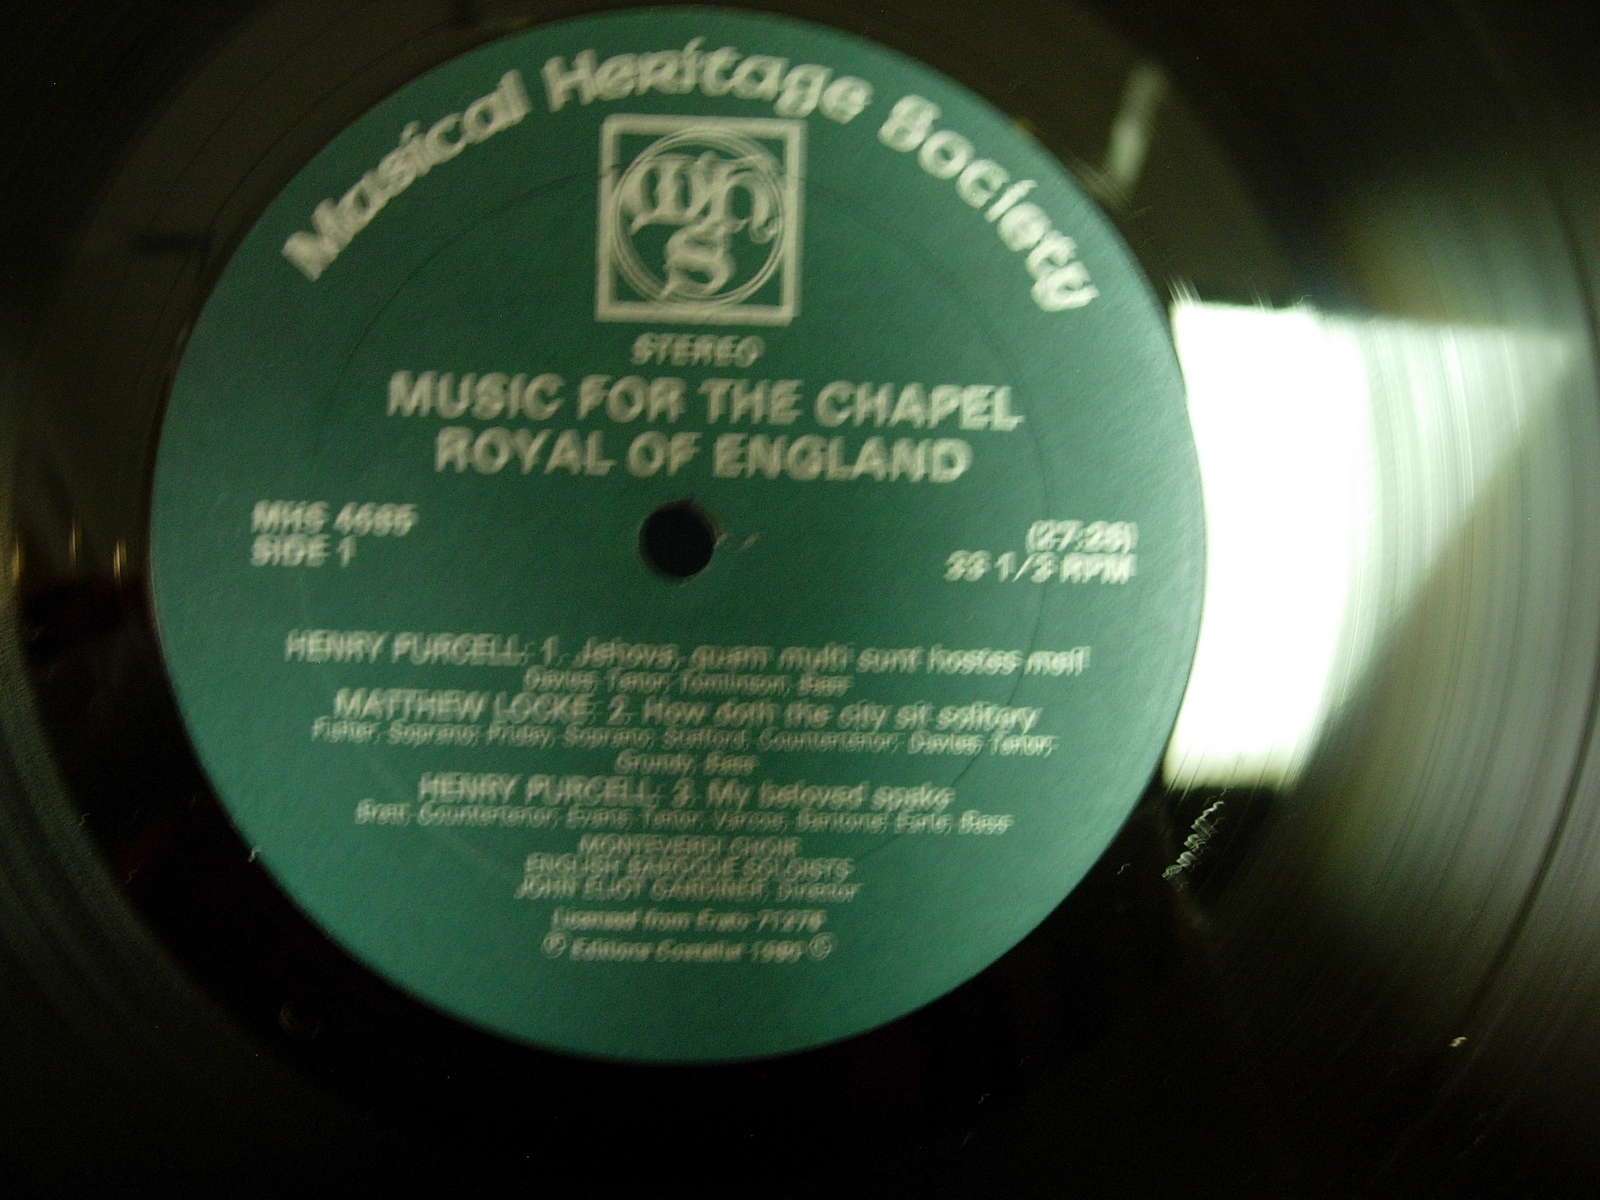 Music for the Chapel Royal of England - John Eliot Gardiner - MHS 4685Z